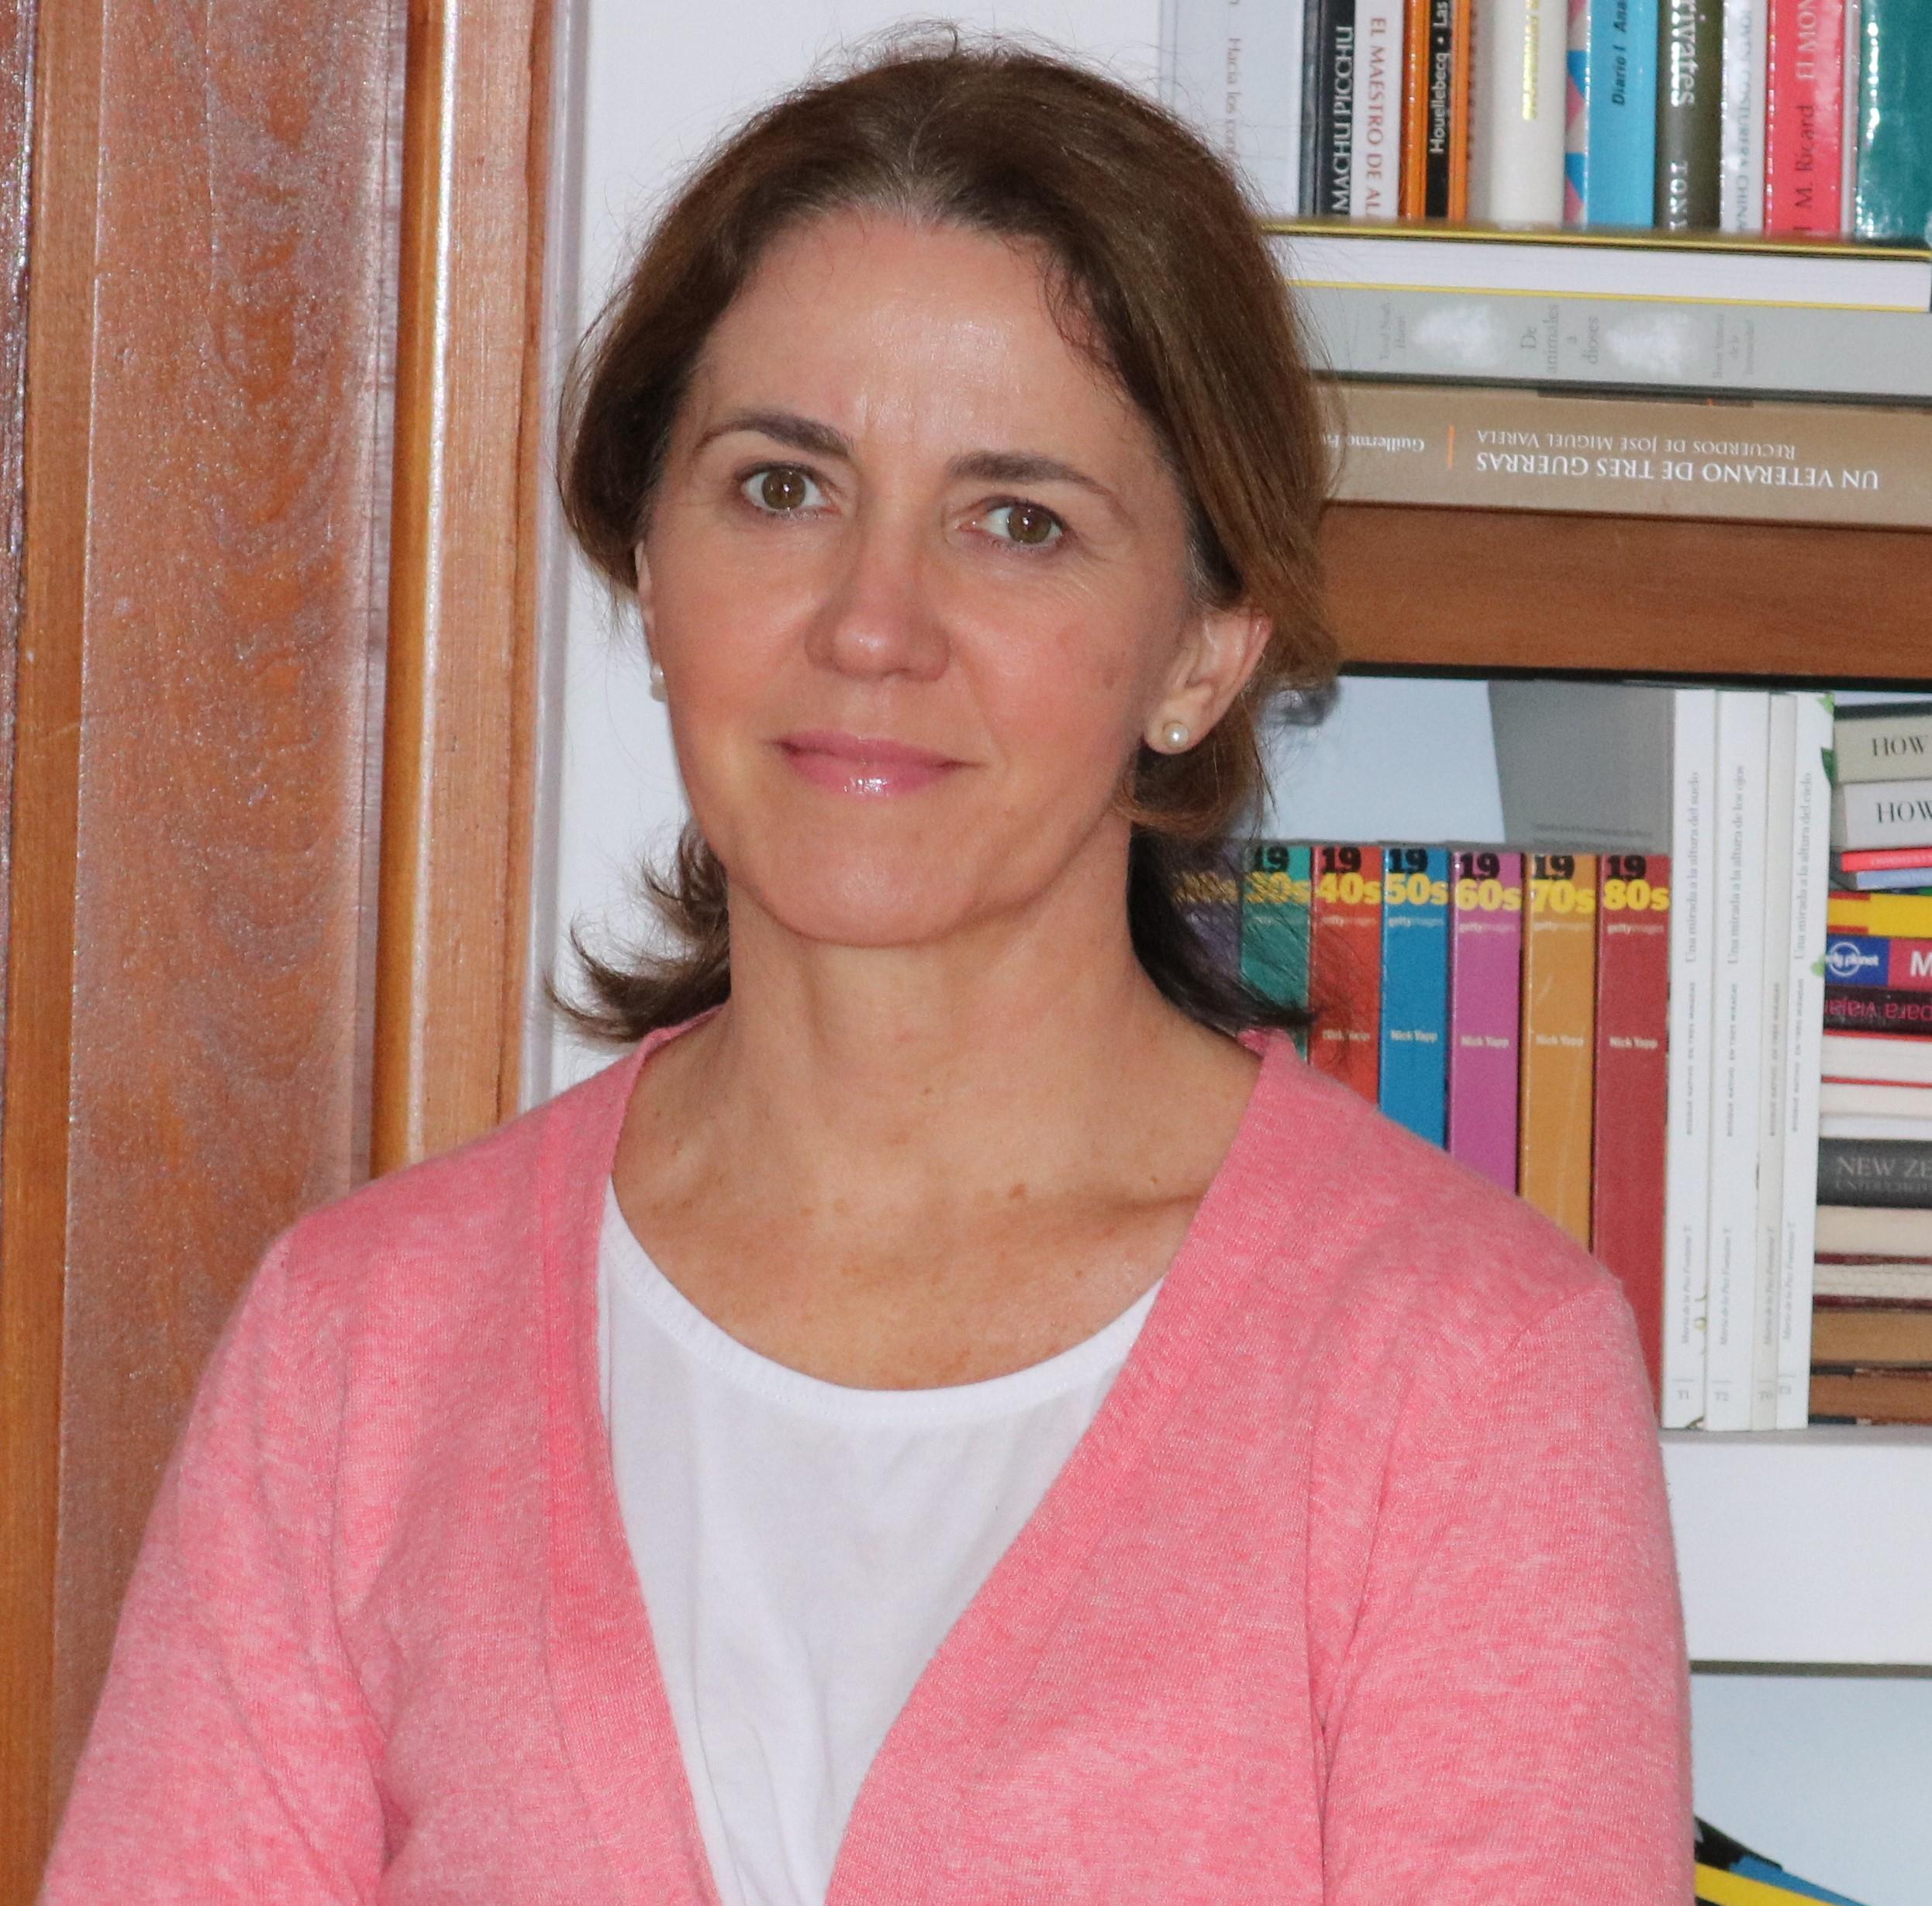 Jacqueline Dussaillant Christie